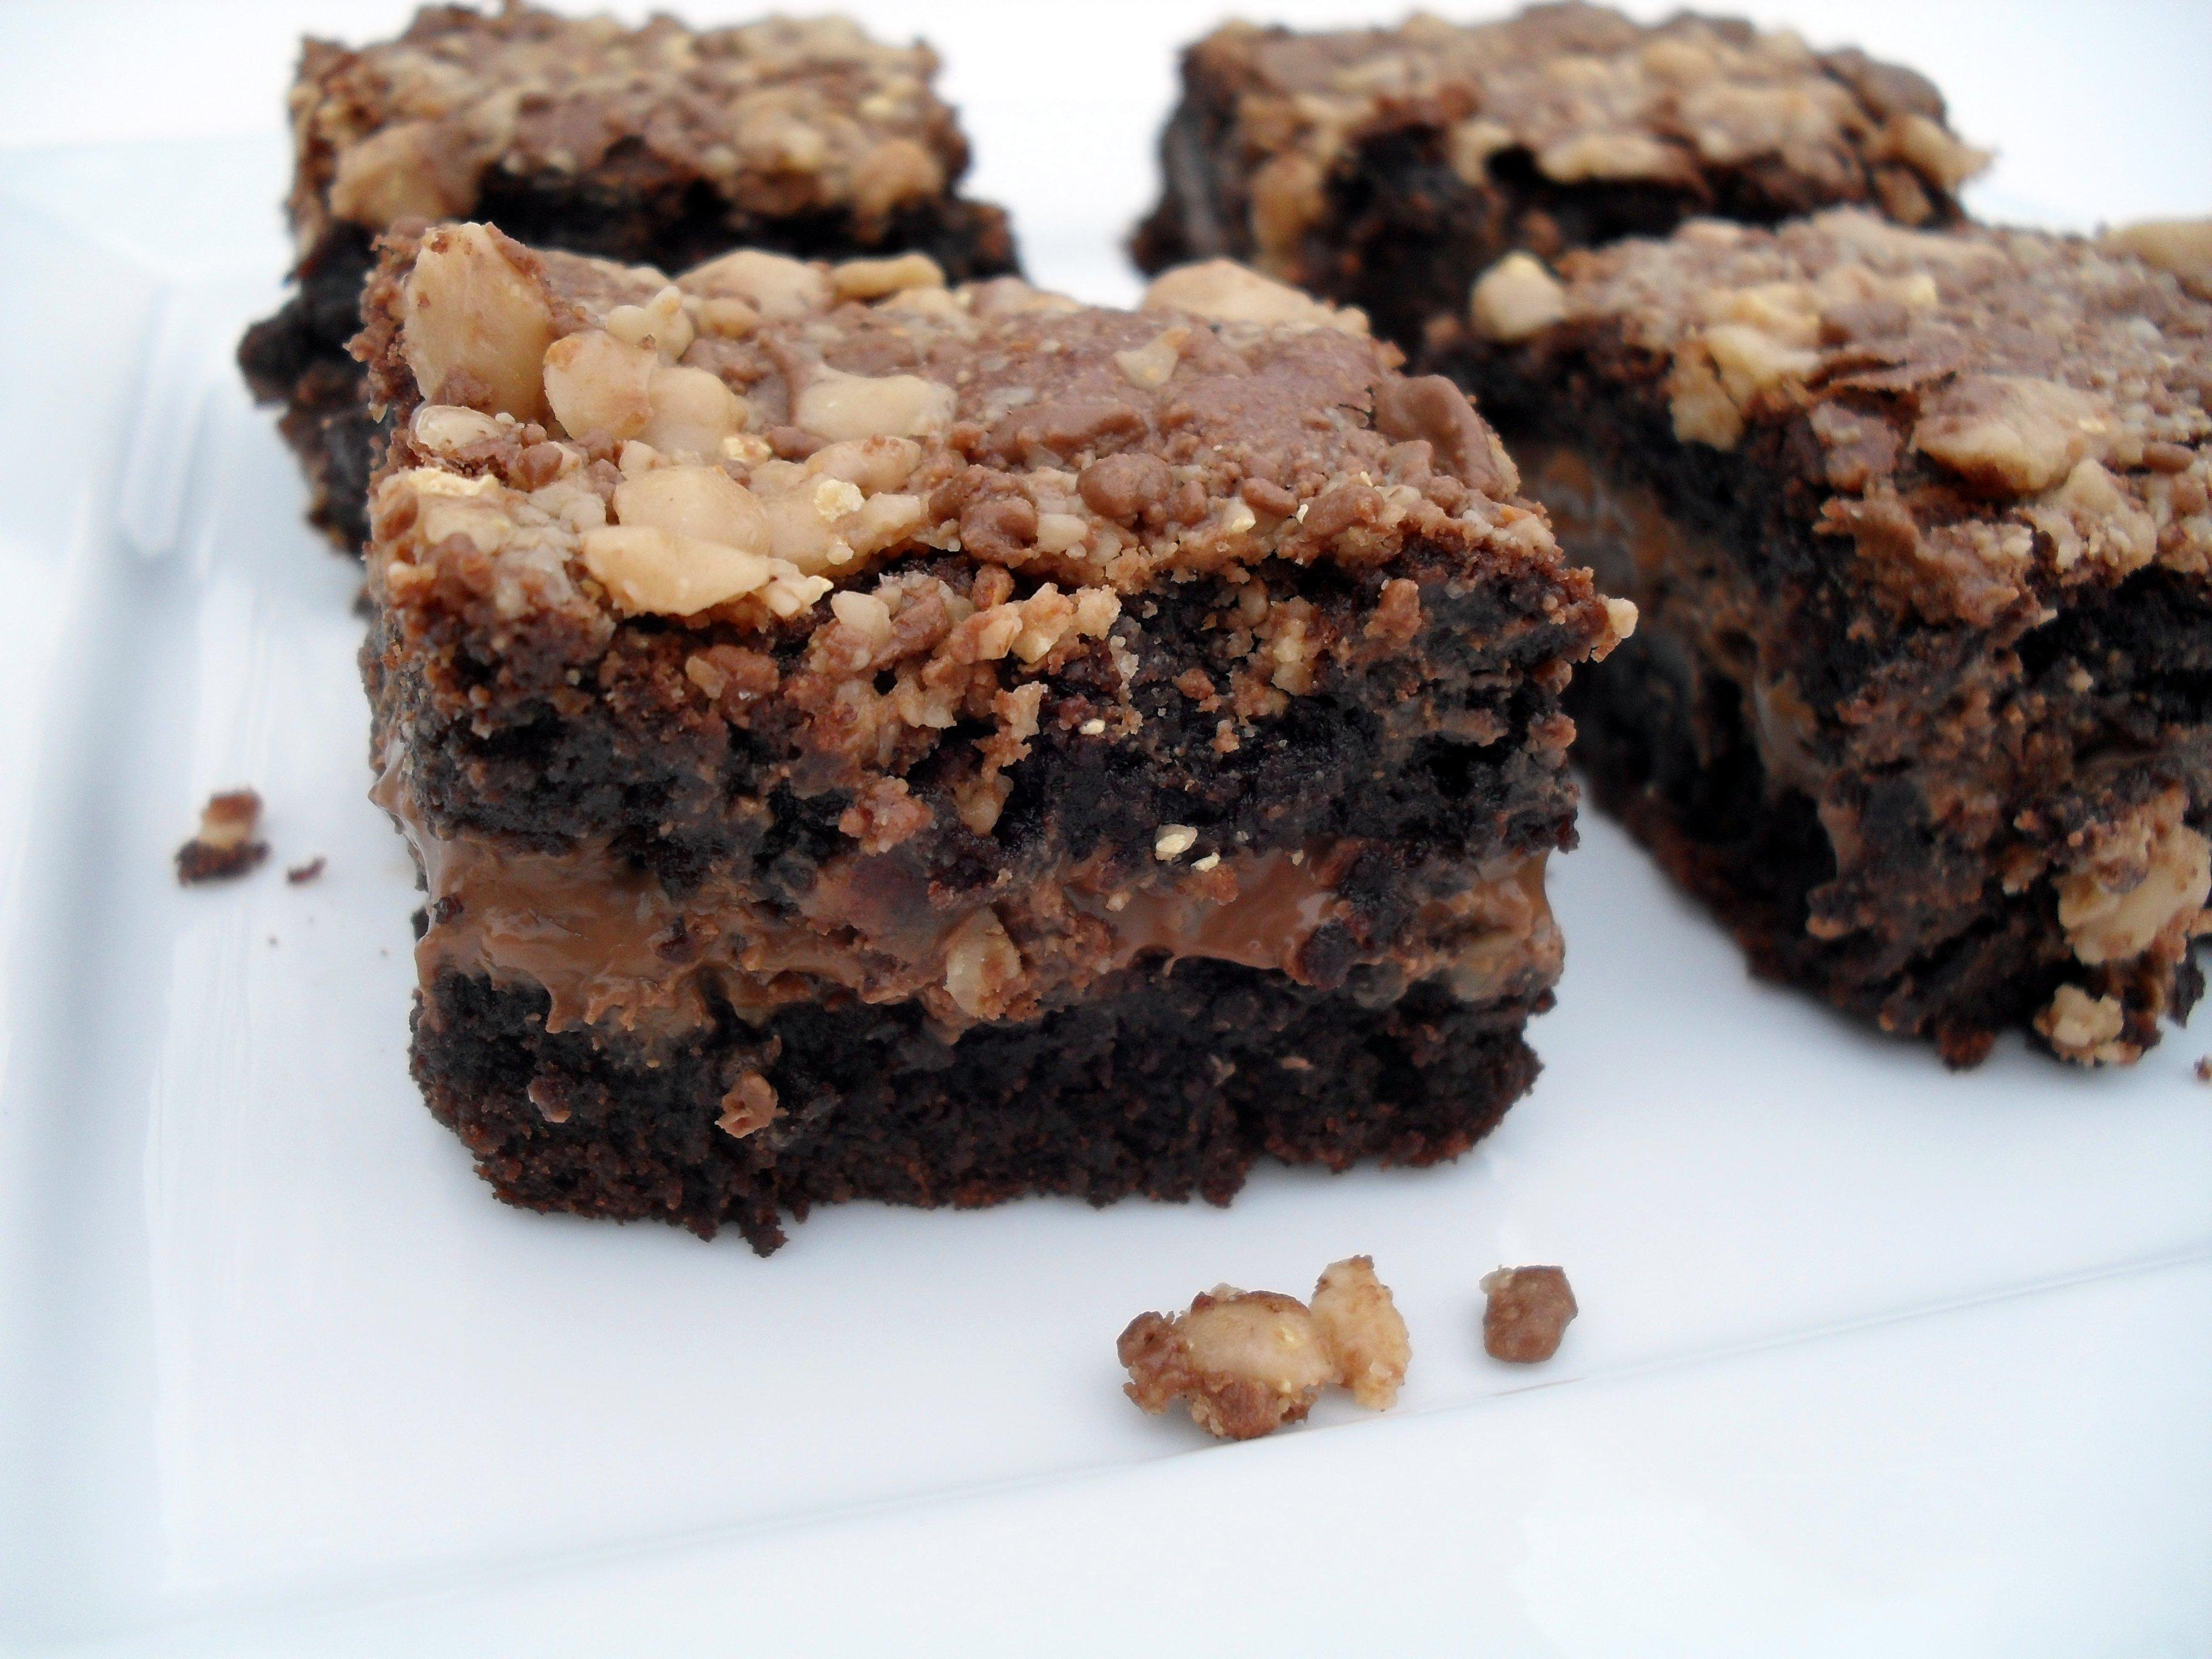 mocha cake v mocha truffles mocha tartufo mocha toffee bars recipe